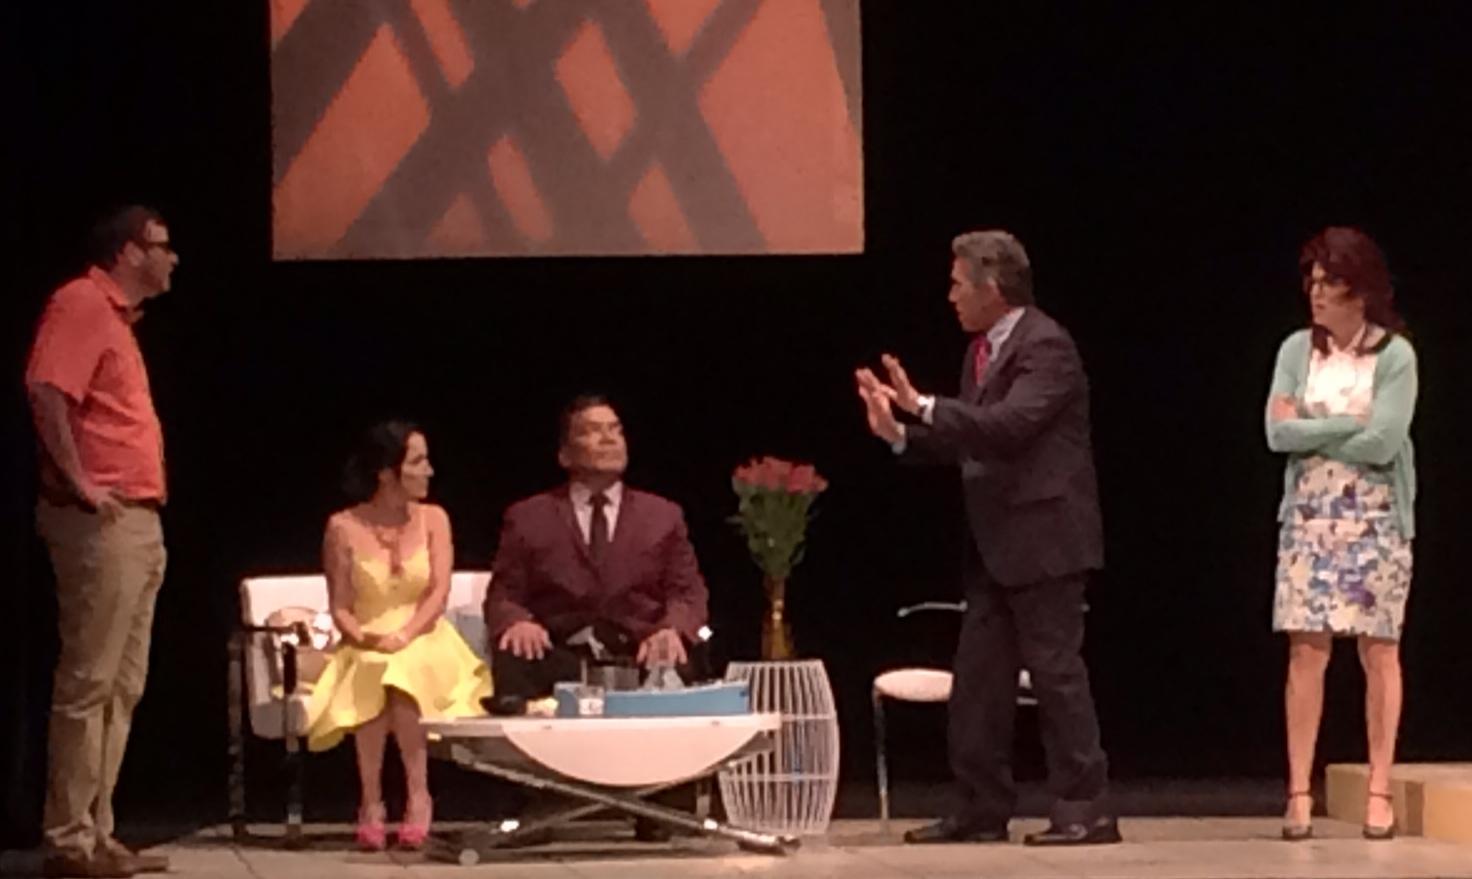 El elenco supo arrancar carcajadas del público ante la historia. (Foto Joselo Arroyo para Fundación Nacional para la Cultura Popular)